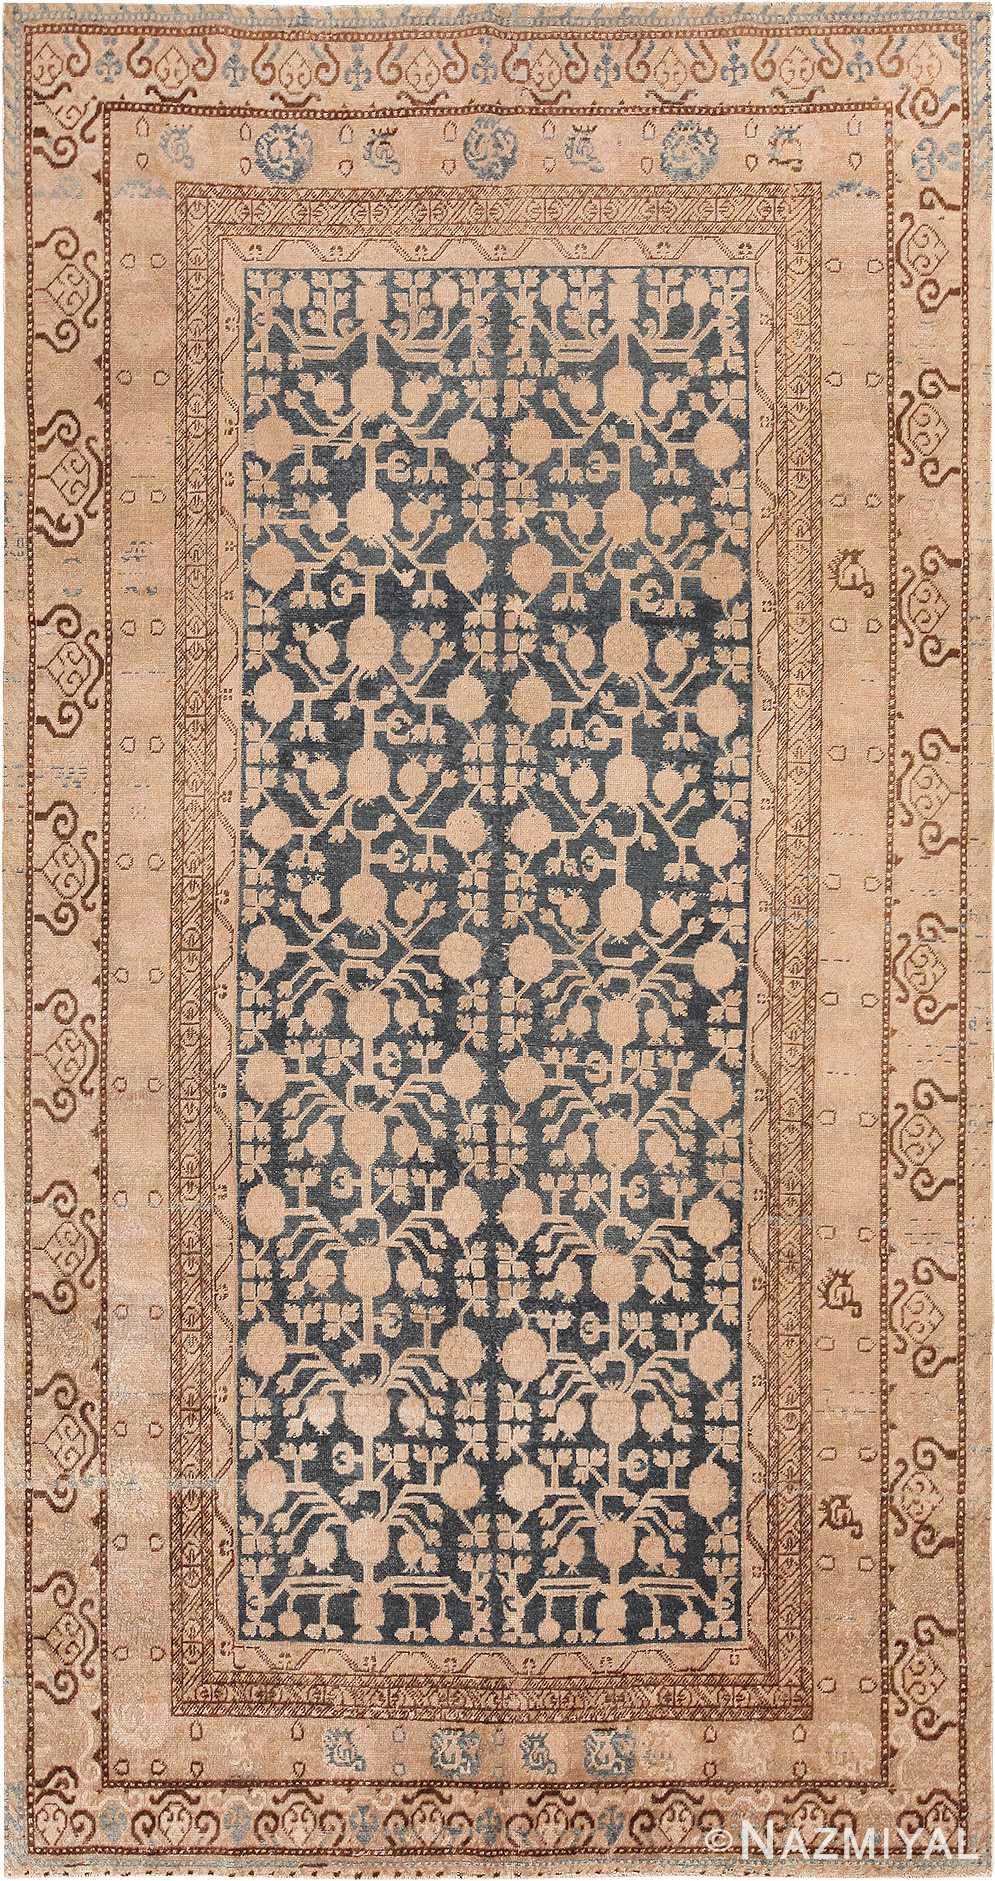 Antique Blue Pomegranate Khotan Rug 49482 - Nazmiyal